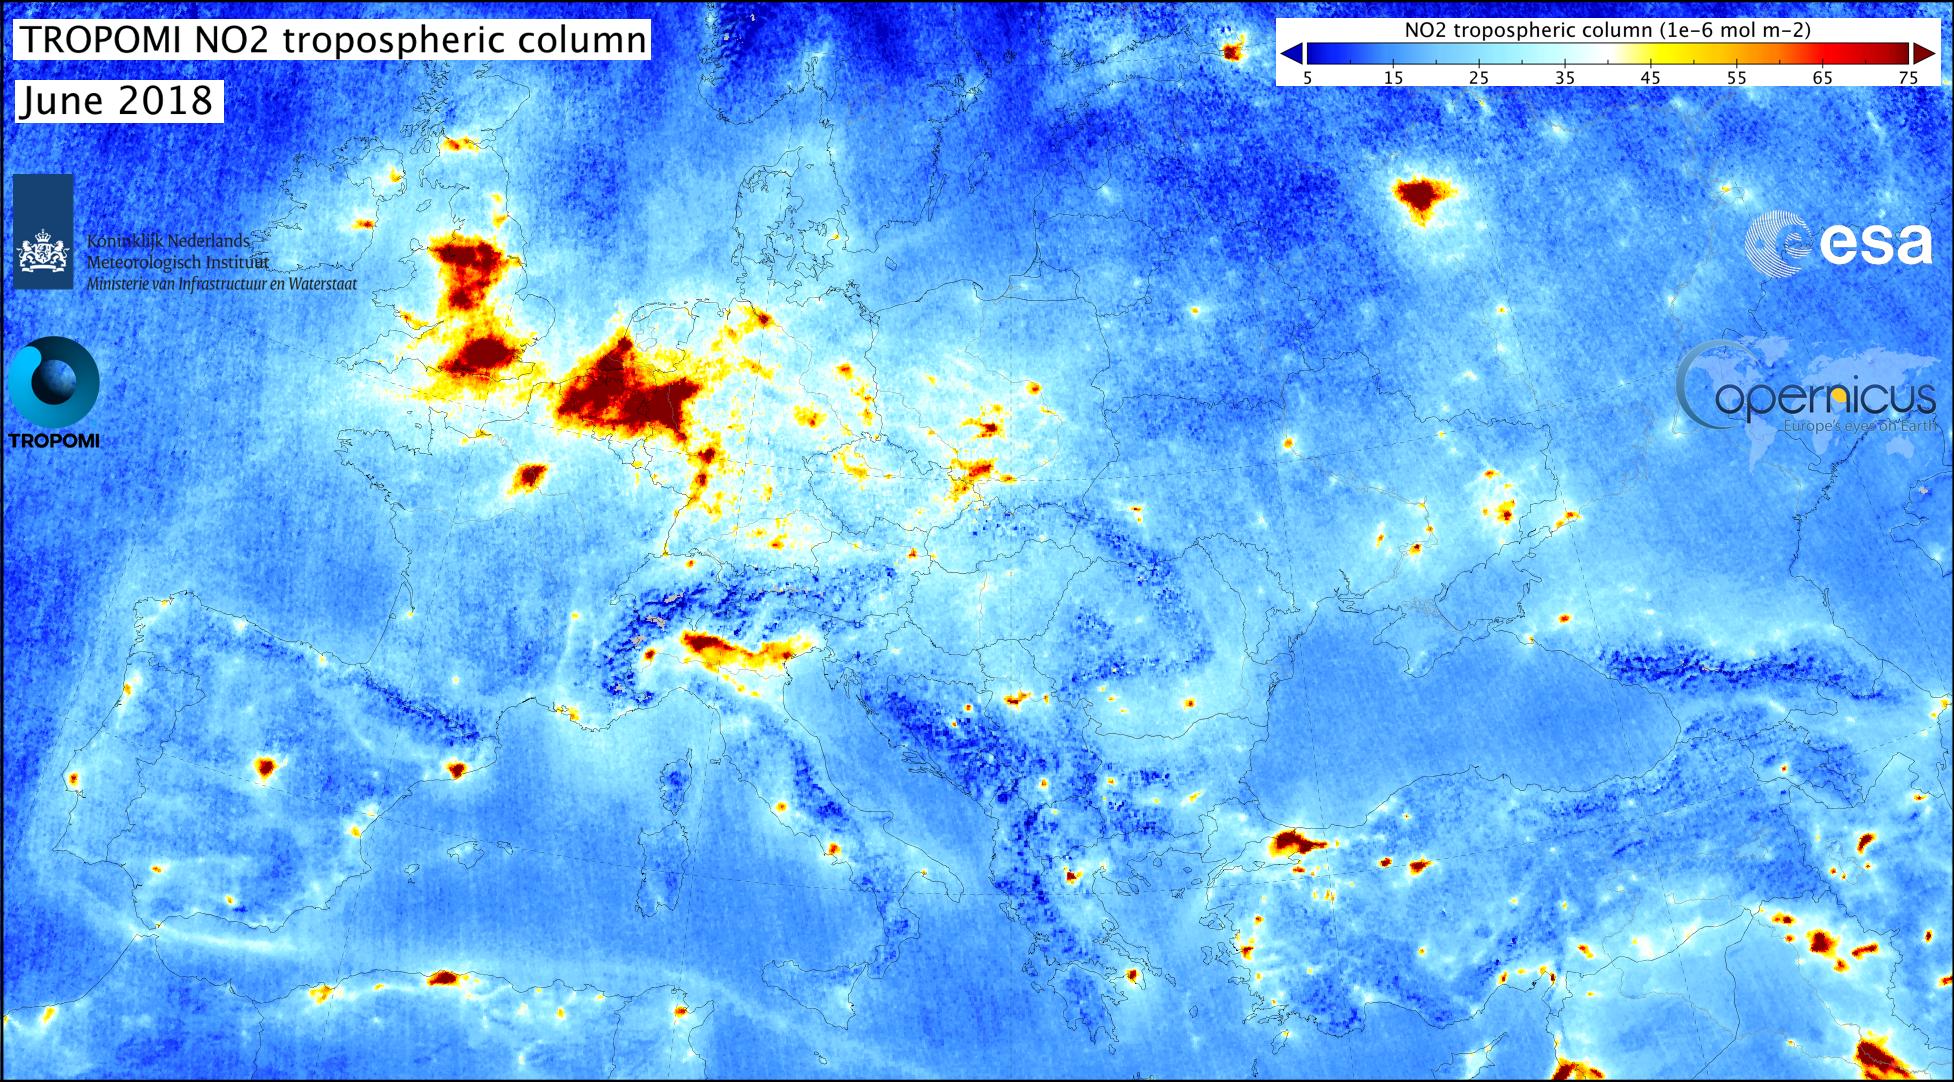 Stikstofdioxide concentraties gemeten met Tropomi